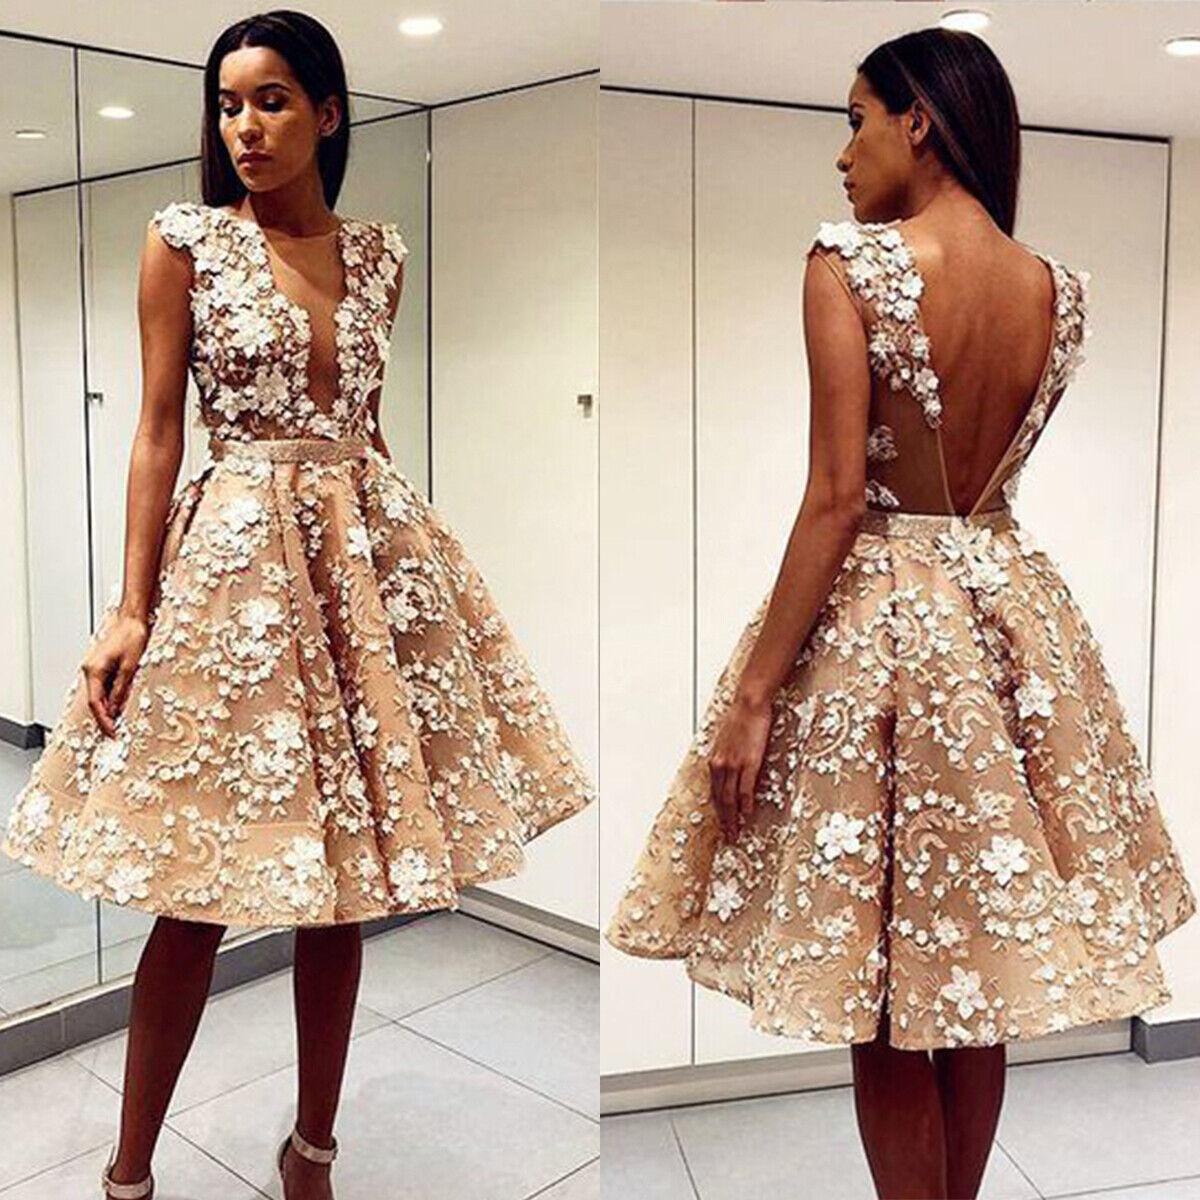 Para Mujeres corto formal vestidos de encaje de  graduación Noche Fiesta cóctel vestidos de dama de honor  compra en línea hoy